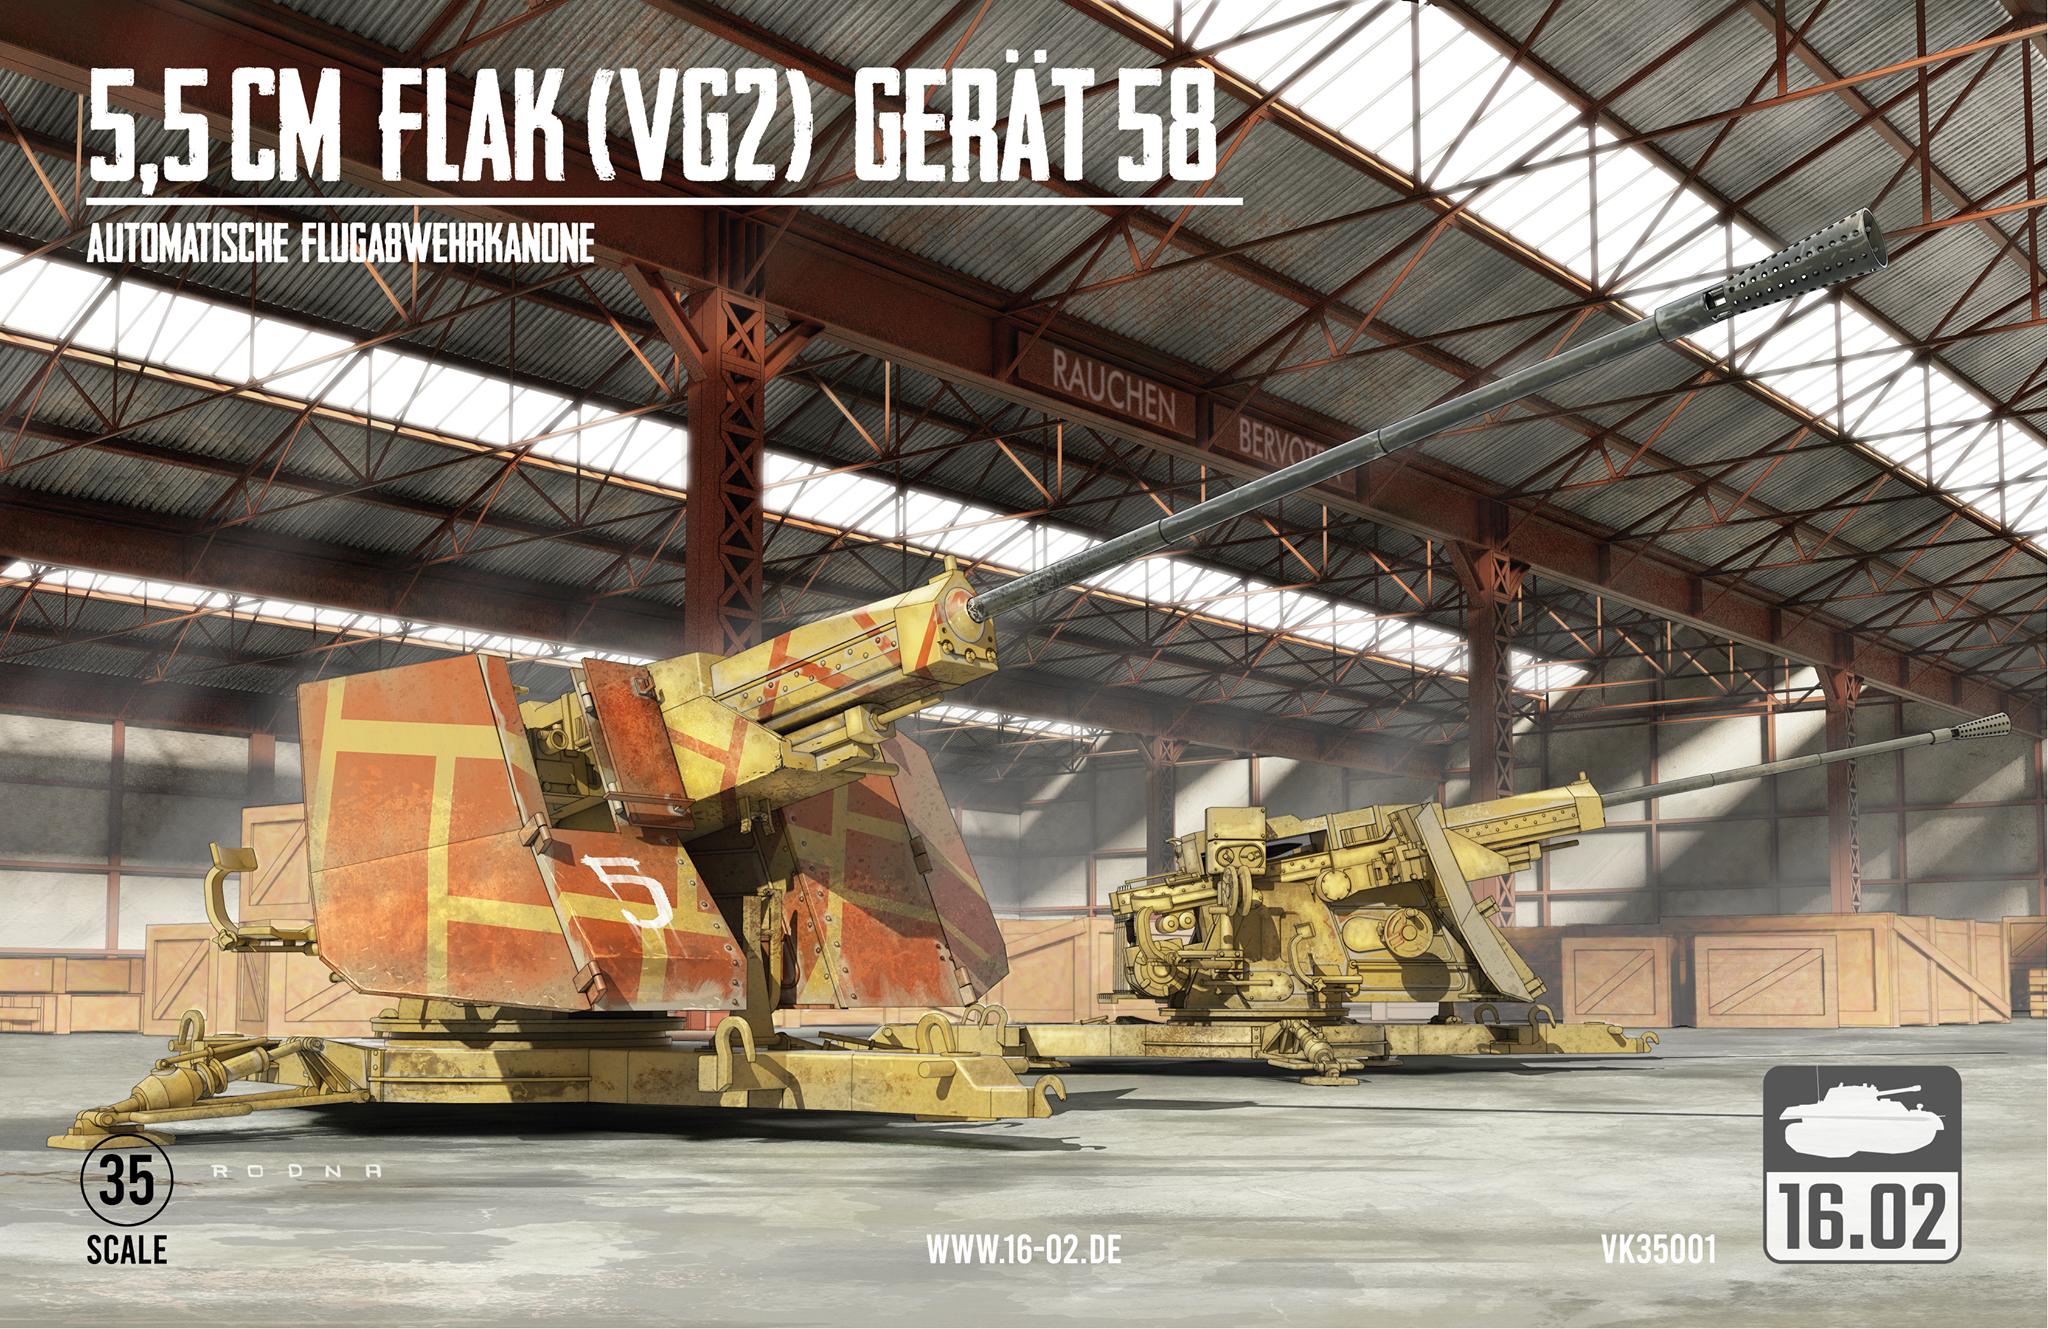 1/35 ドイツ 試製 5.5cm FLAK (VG2) Gerät58